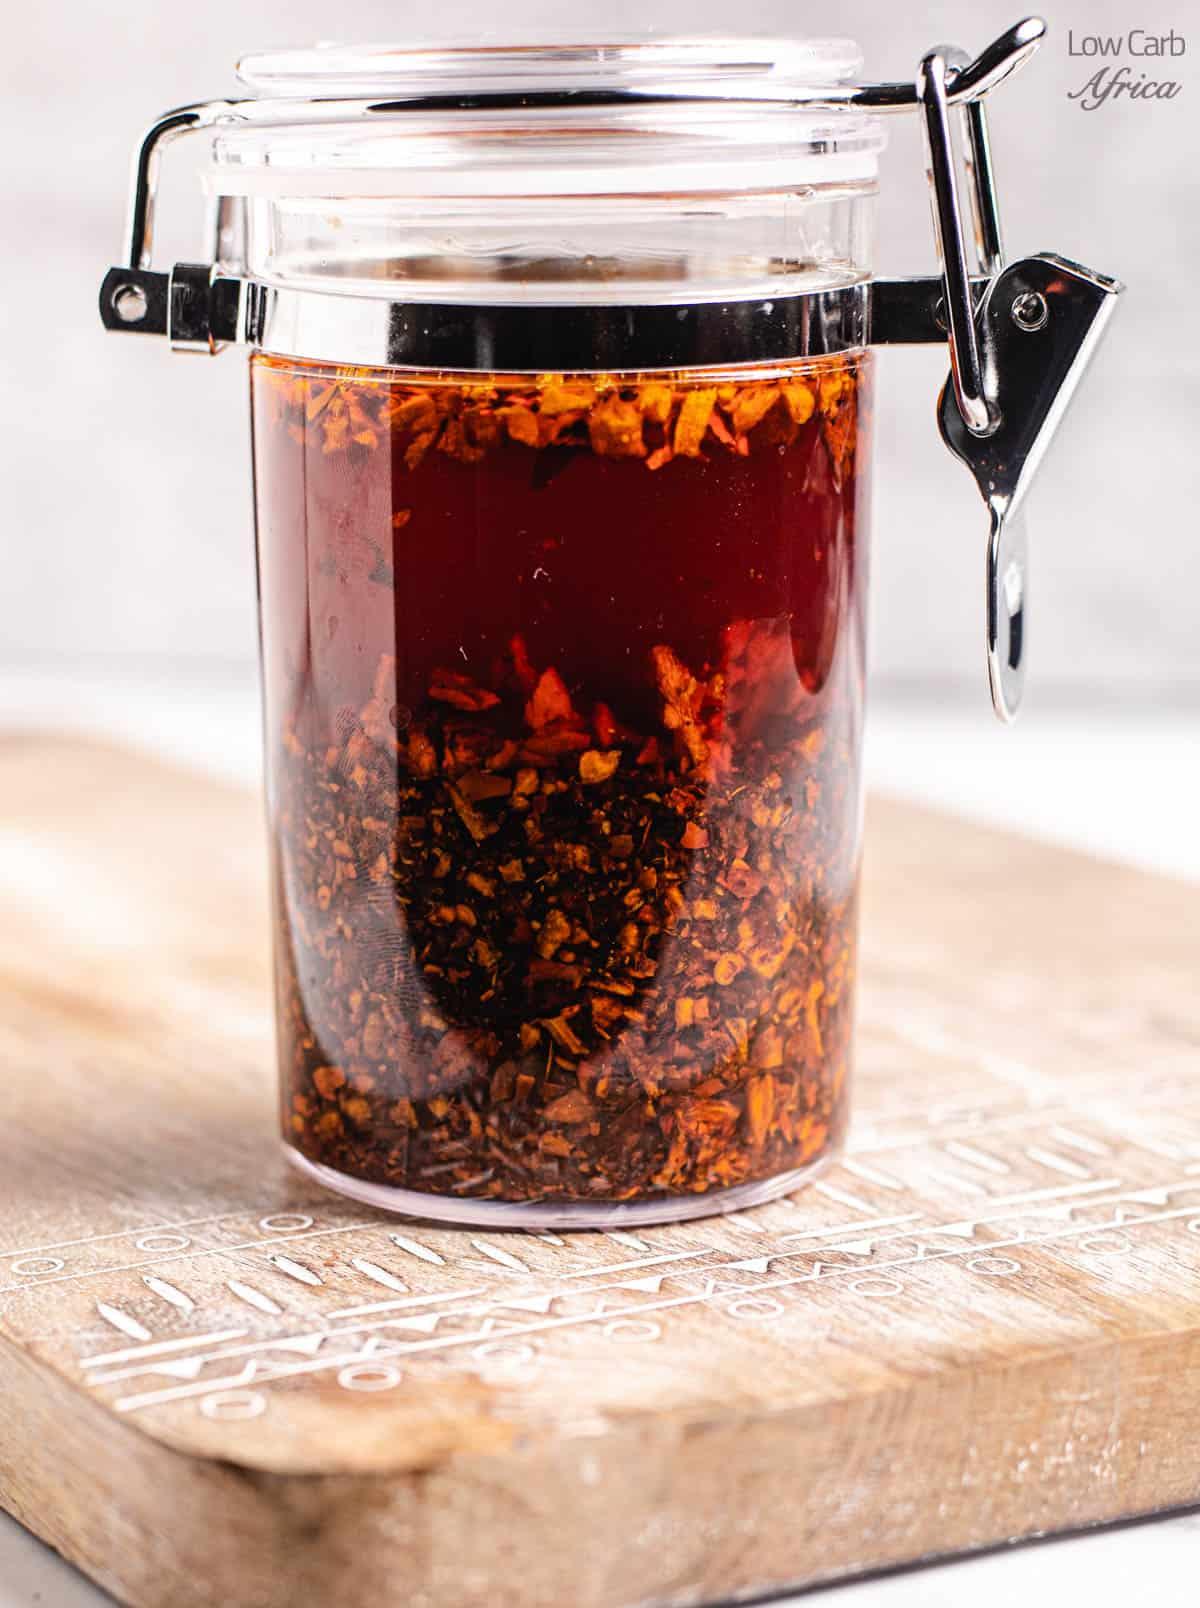 chili oil in a jar